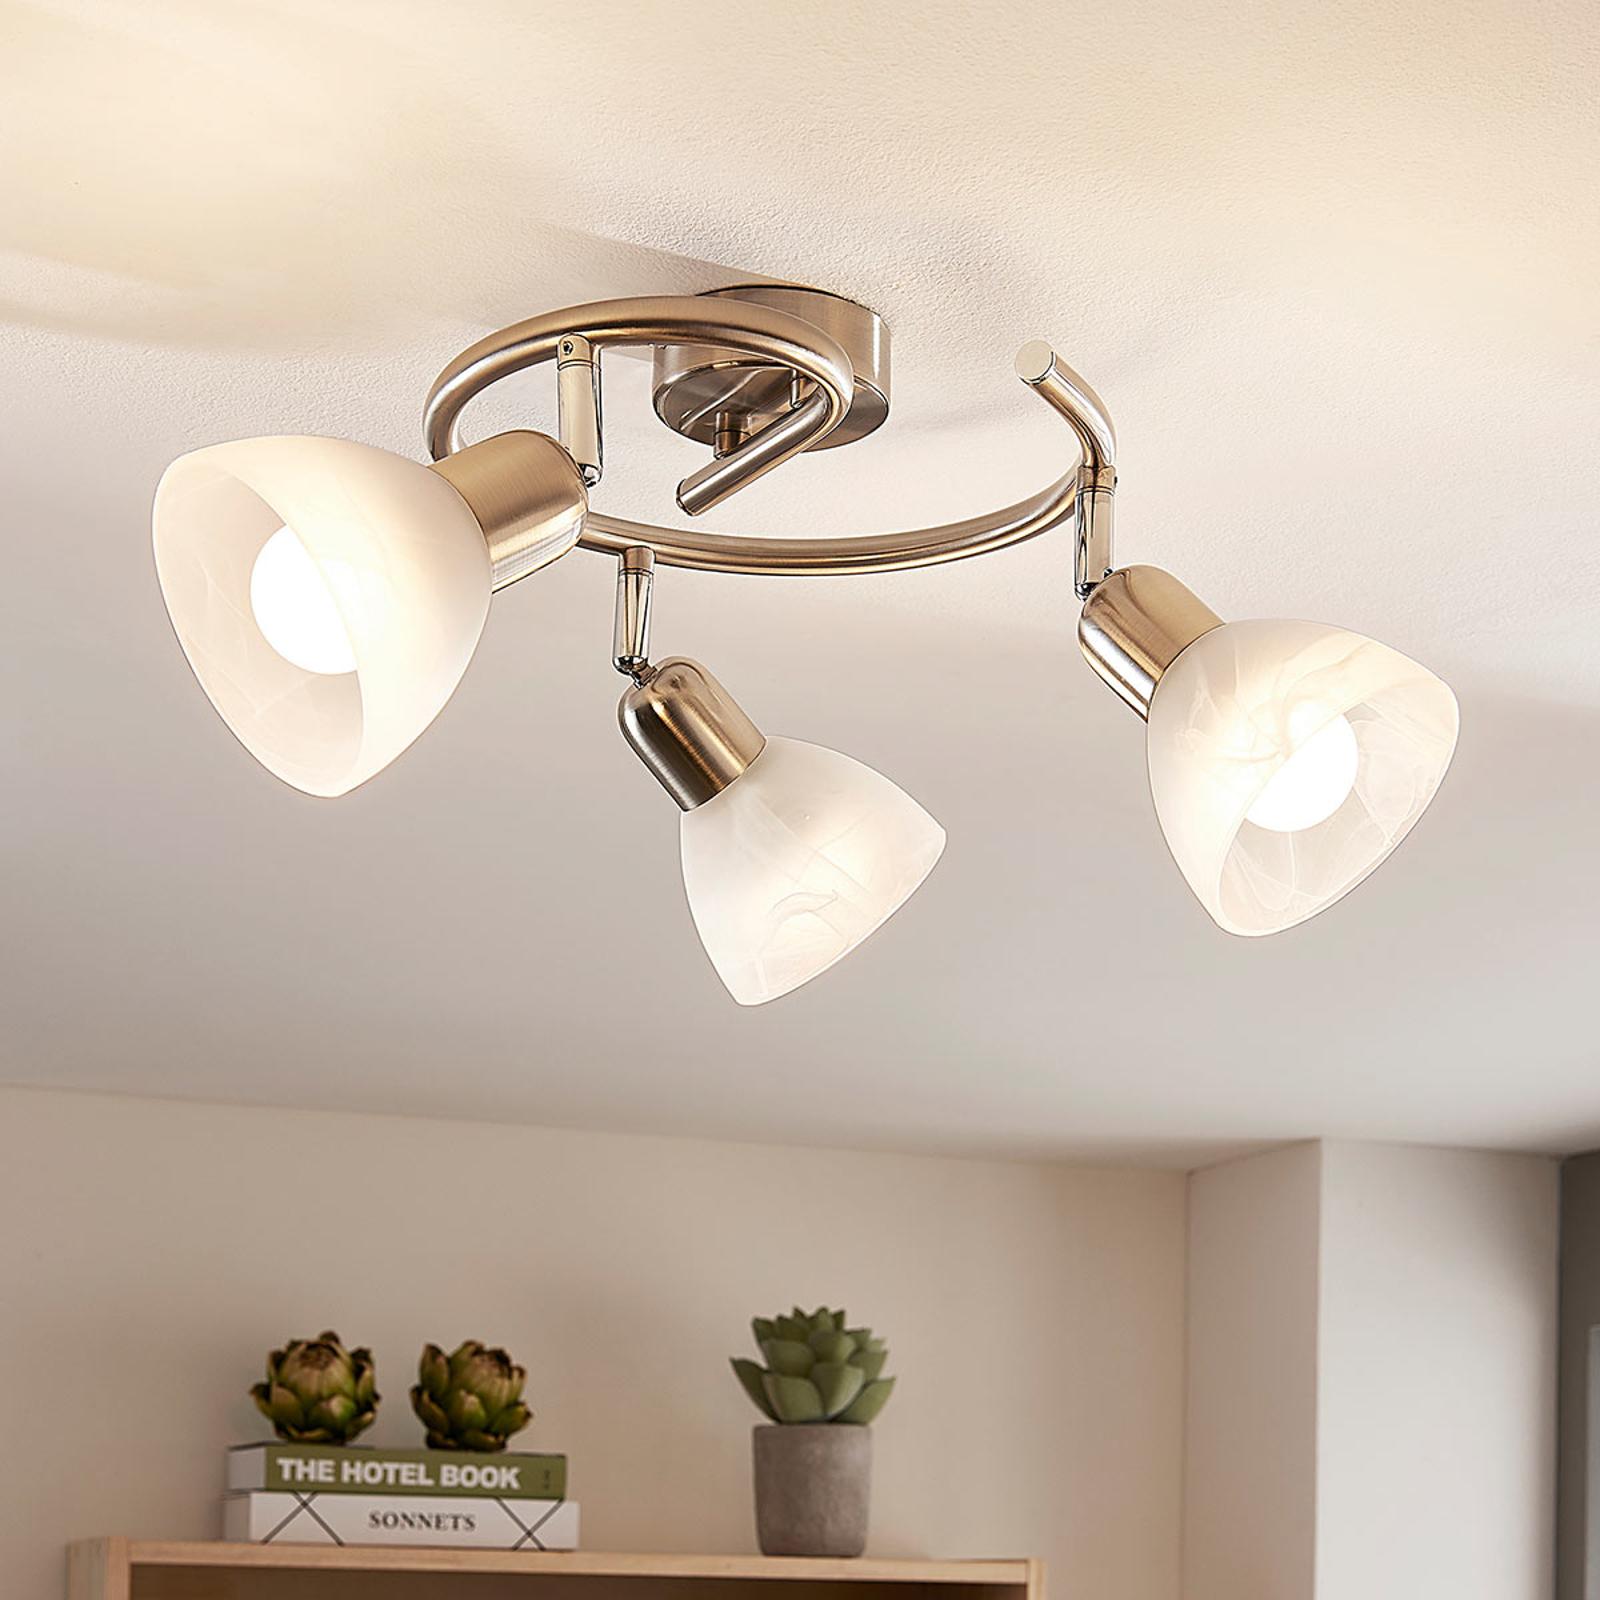 LED-Deckenrondell Paulina, weiße Gläser